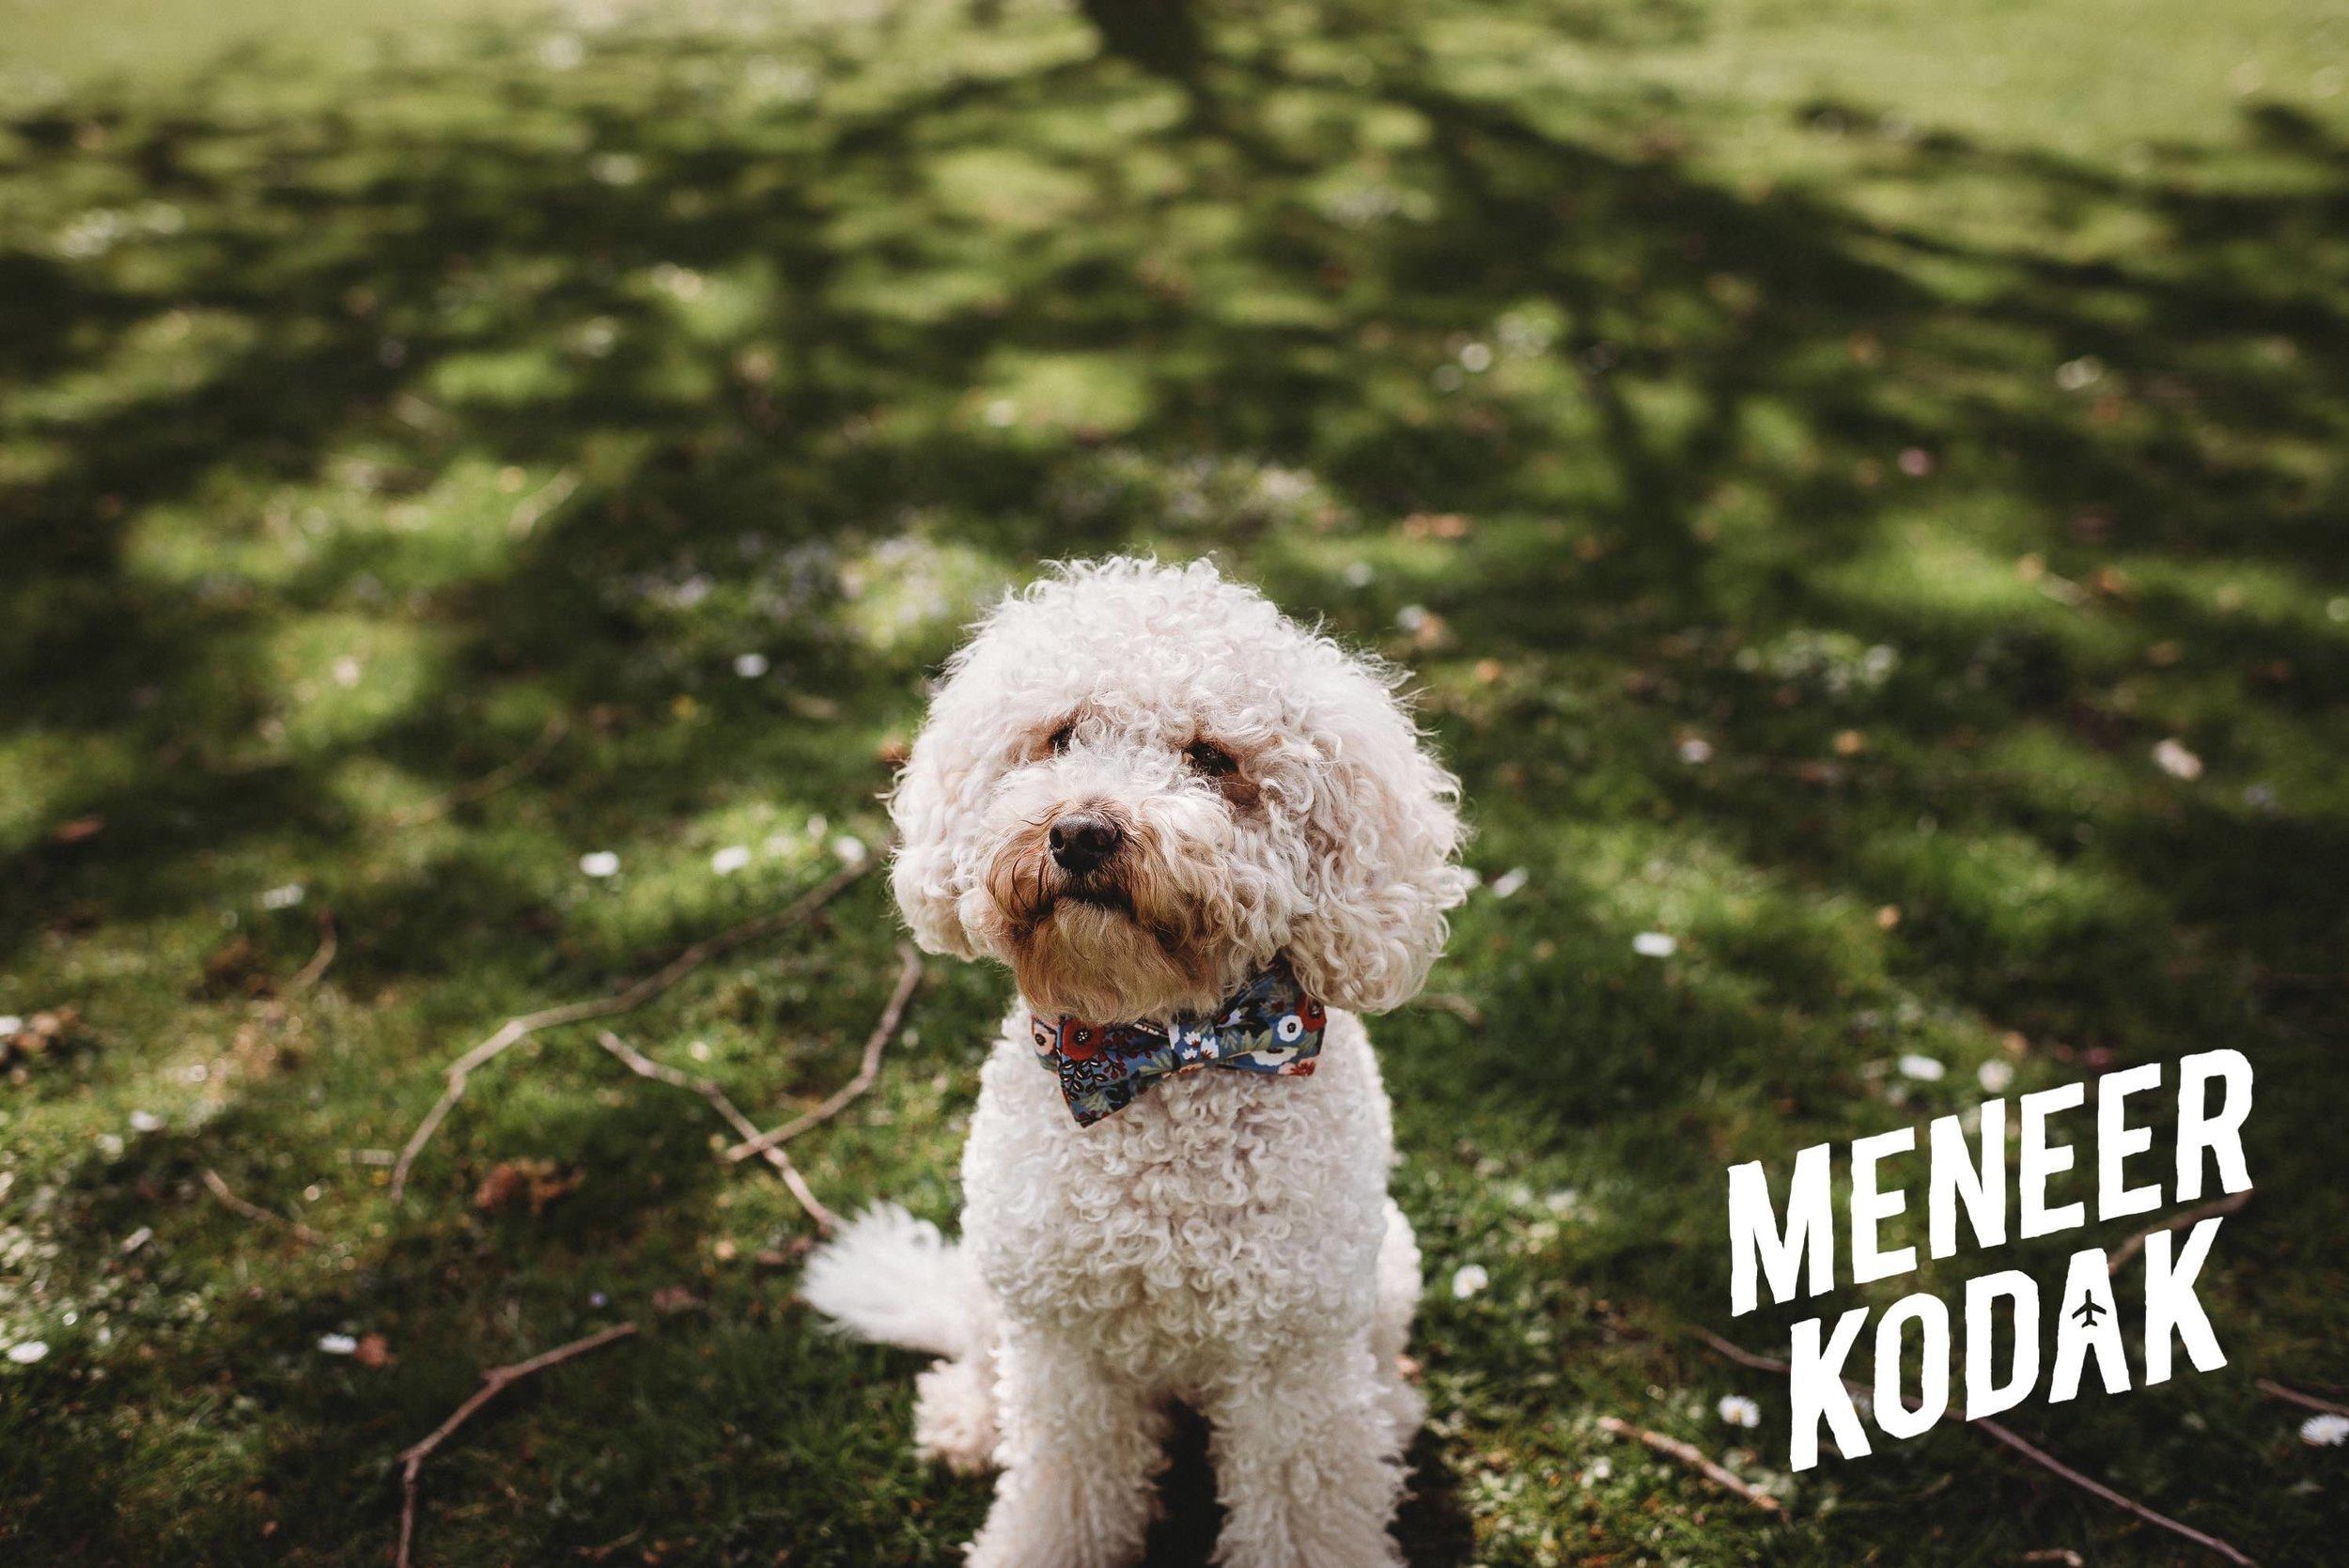 Meneer Kodak - Bruidsfotograaf - Amsterdam - M&J-027.jpg